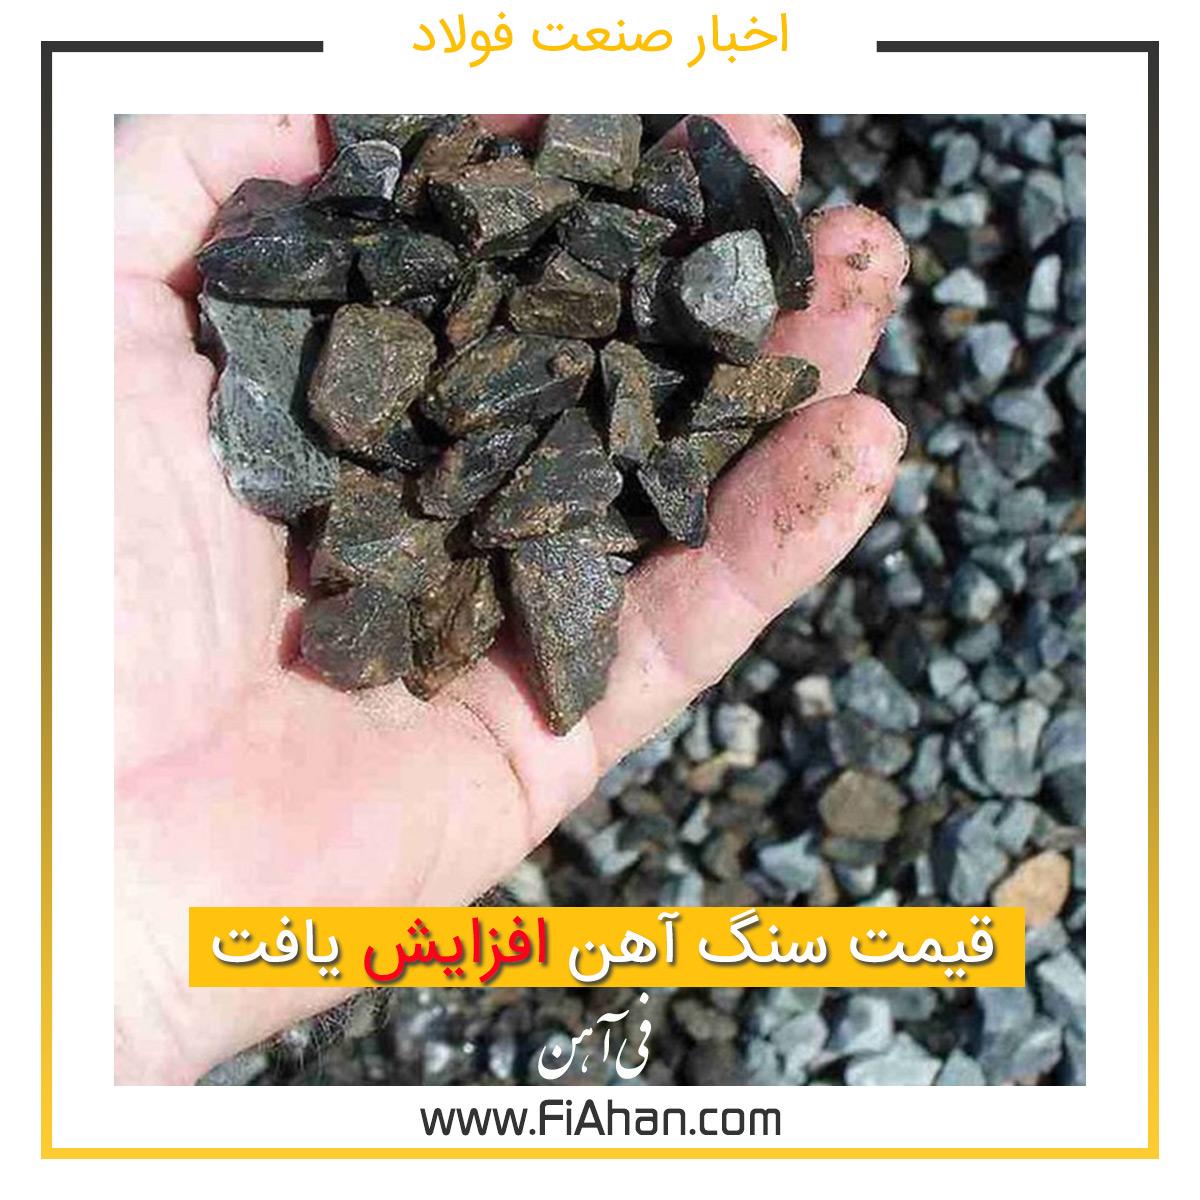 قیمت سنگ آهن افزایش یافت.